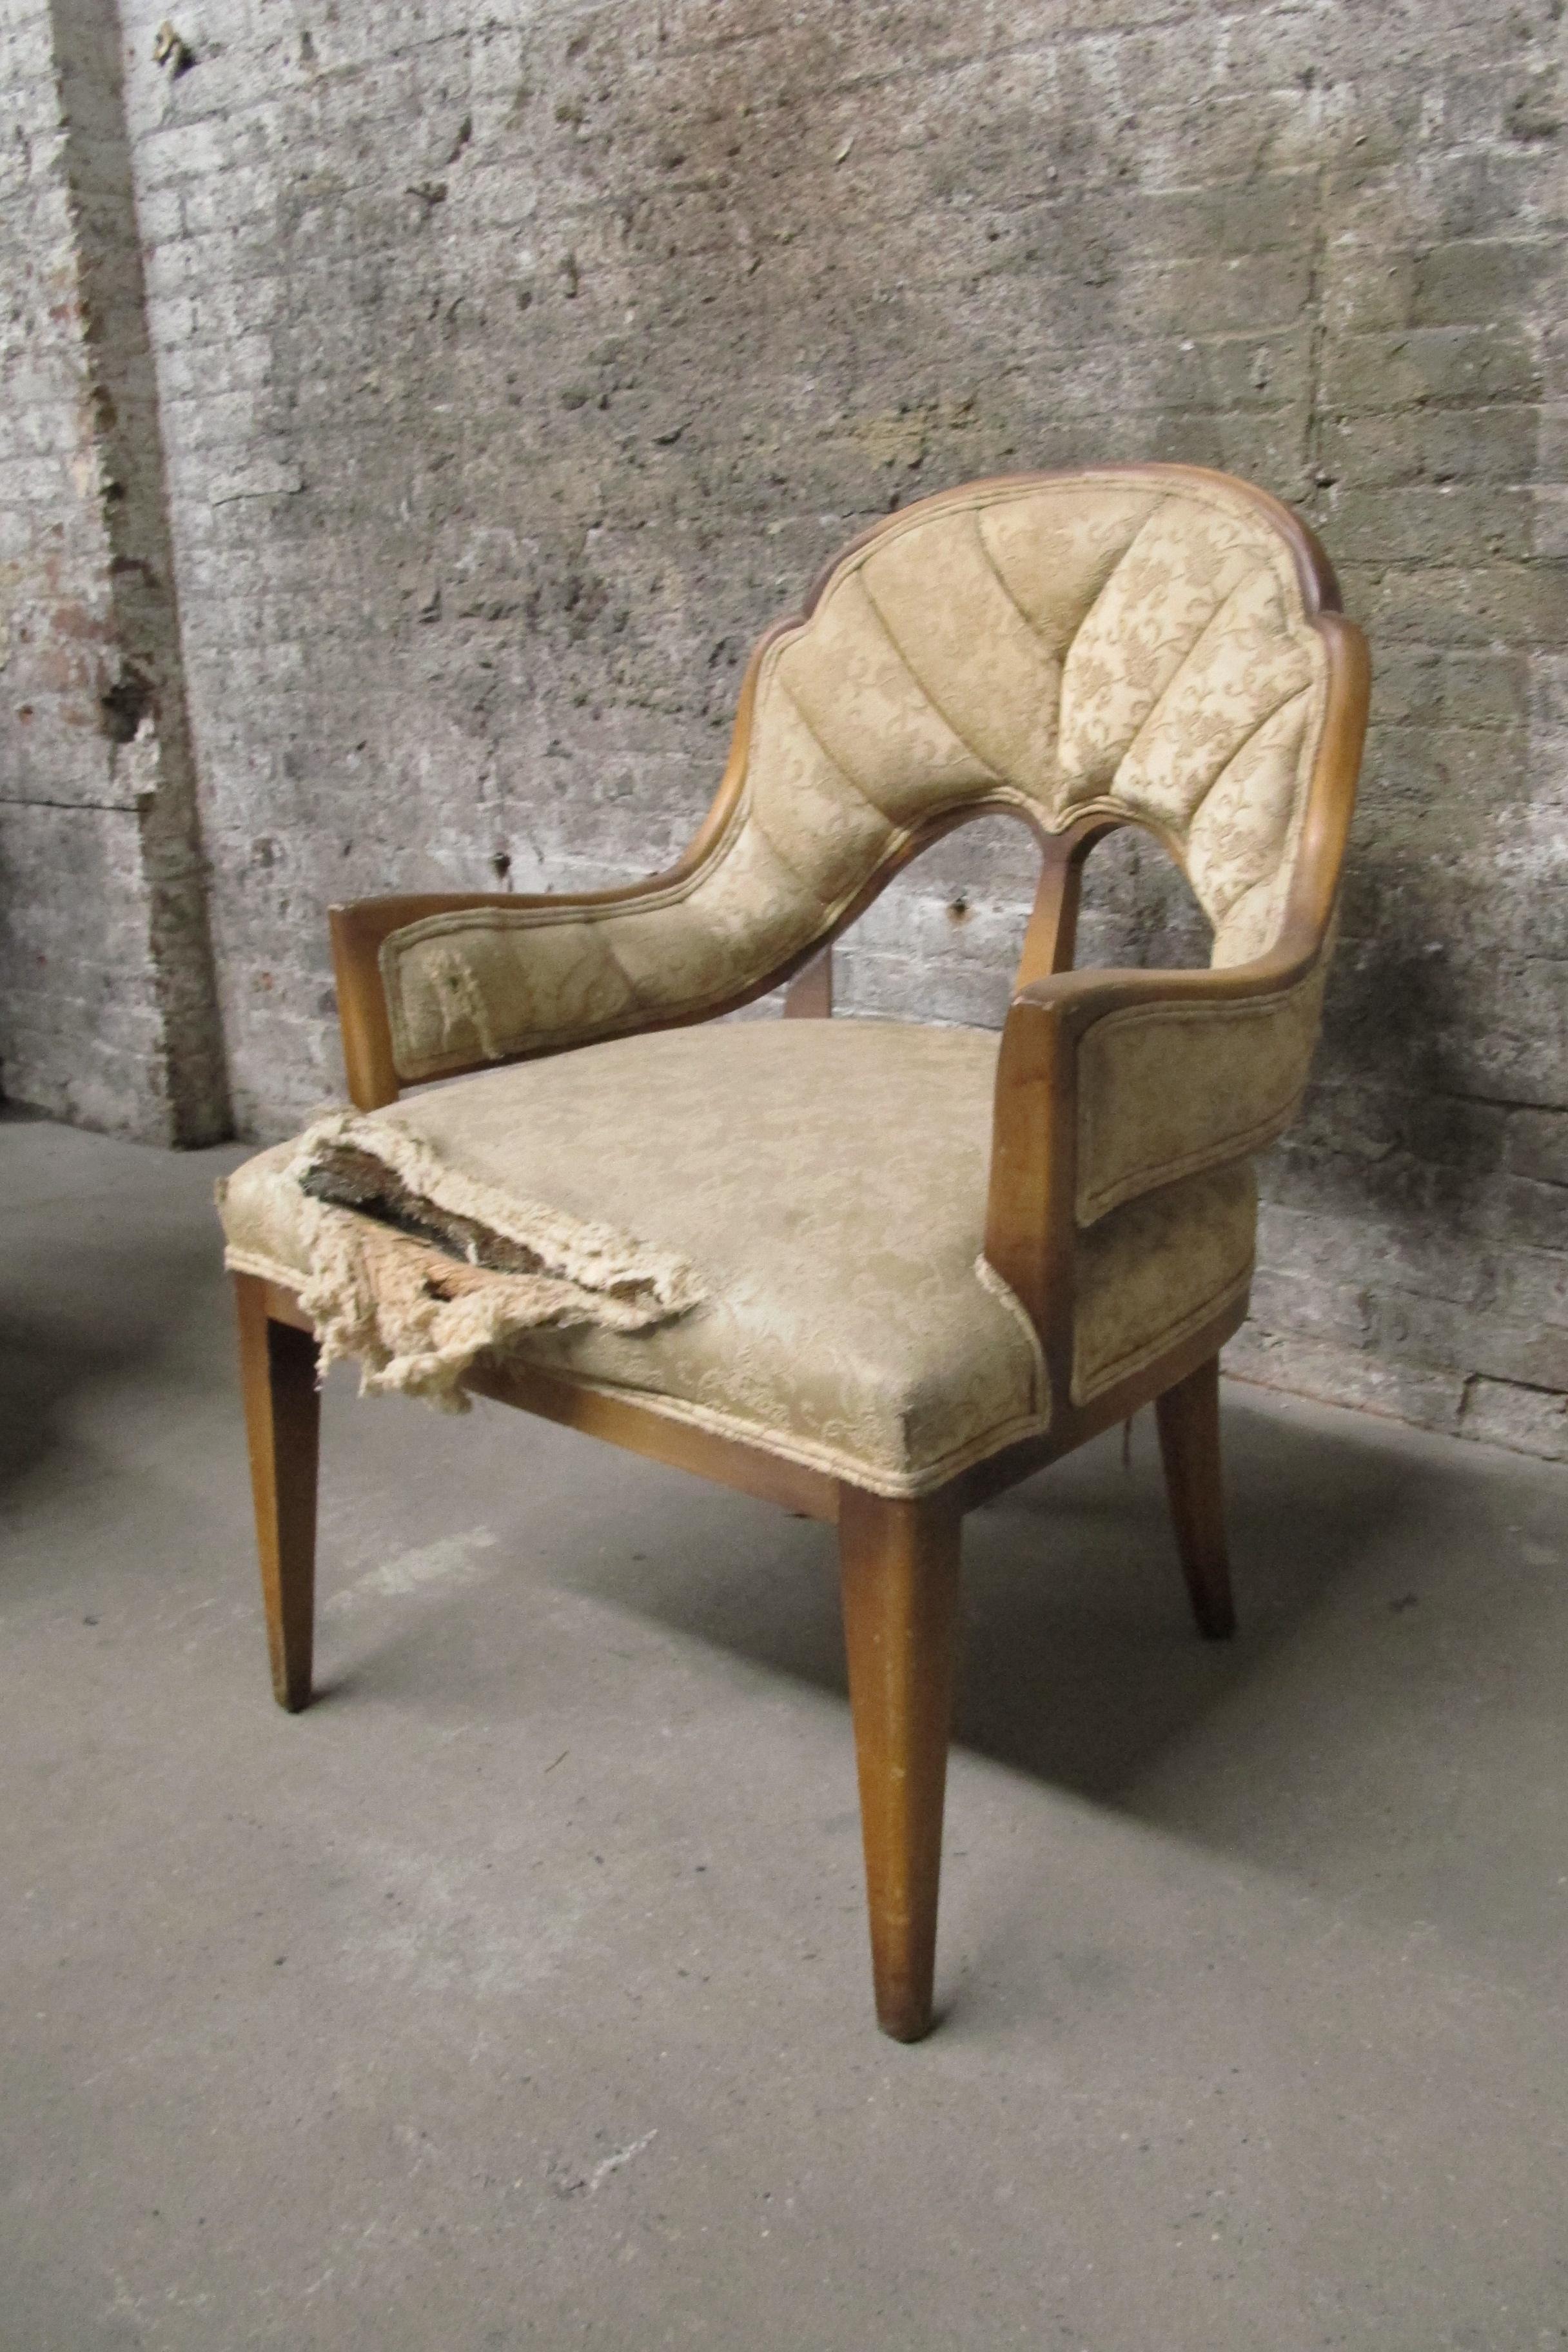 Antique Hanna Chair $125